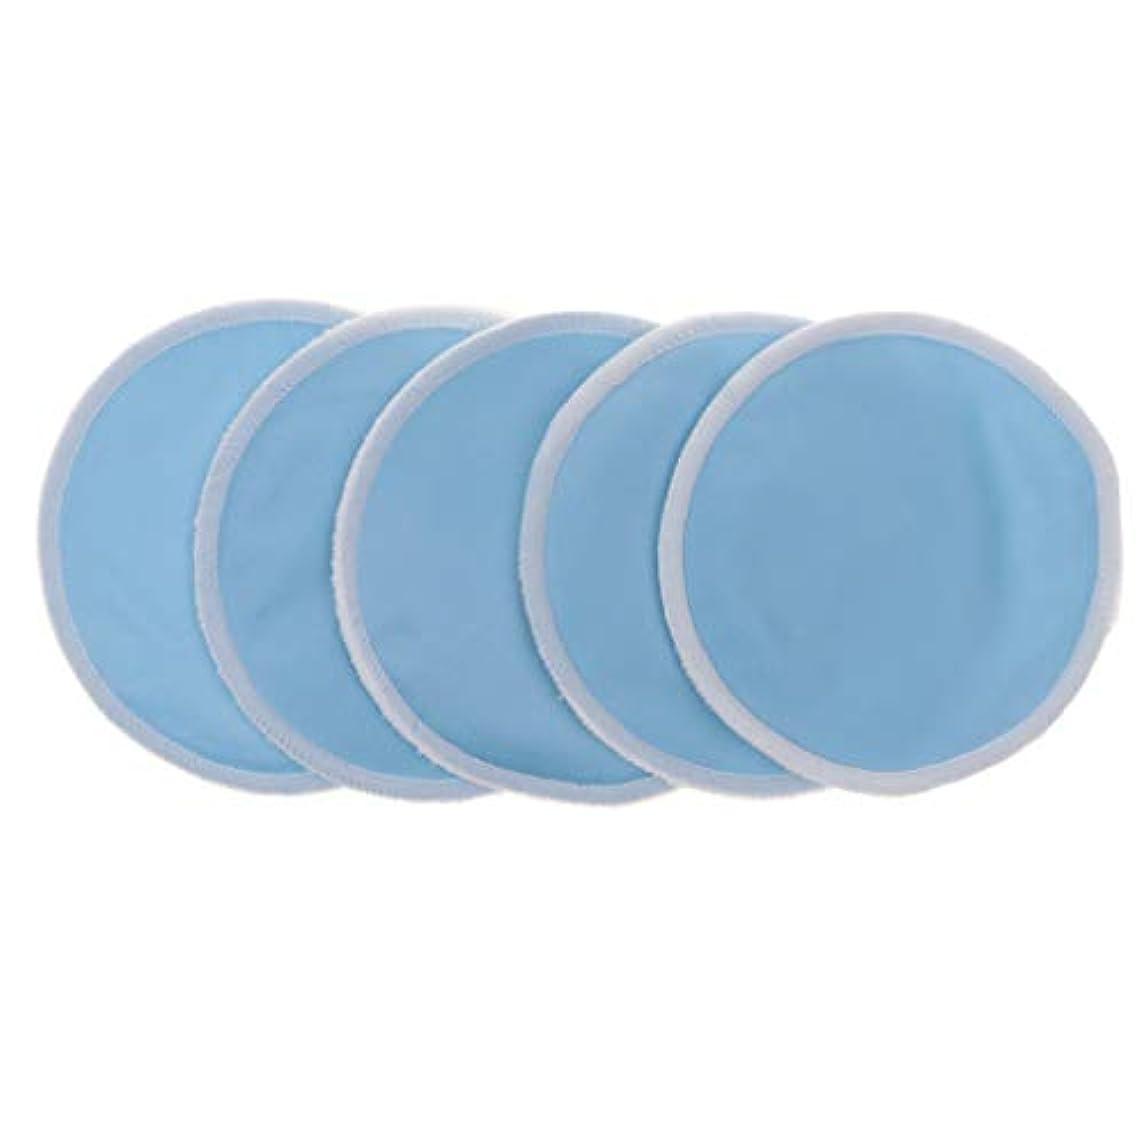 世界に死んだ好奇心盛脅かす全5色 胸パッド クレンジングシート メイクアップ 竹繊維 12cm 洗える 再使用可 実用的 5個入 - 青